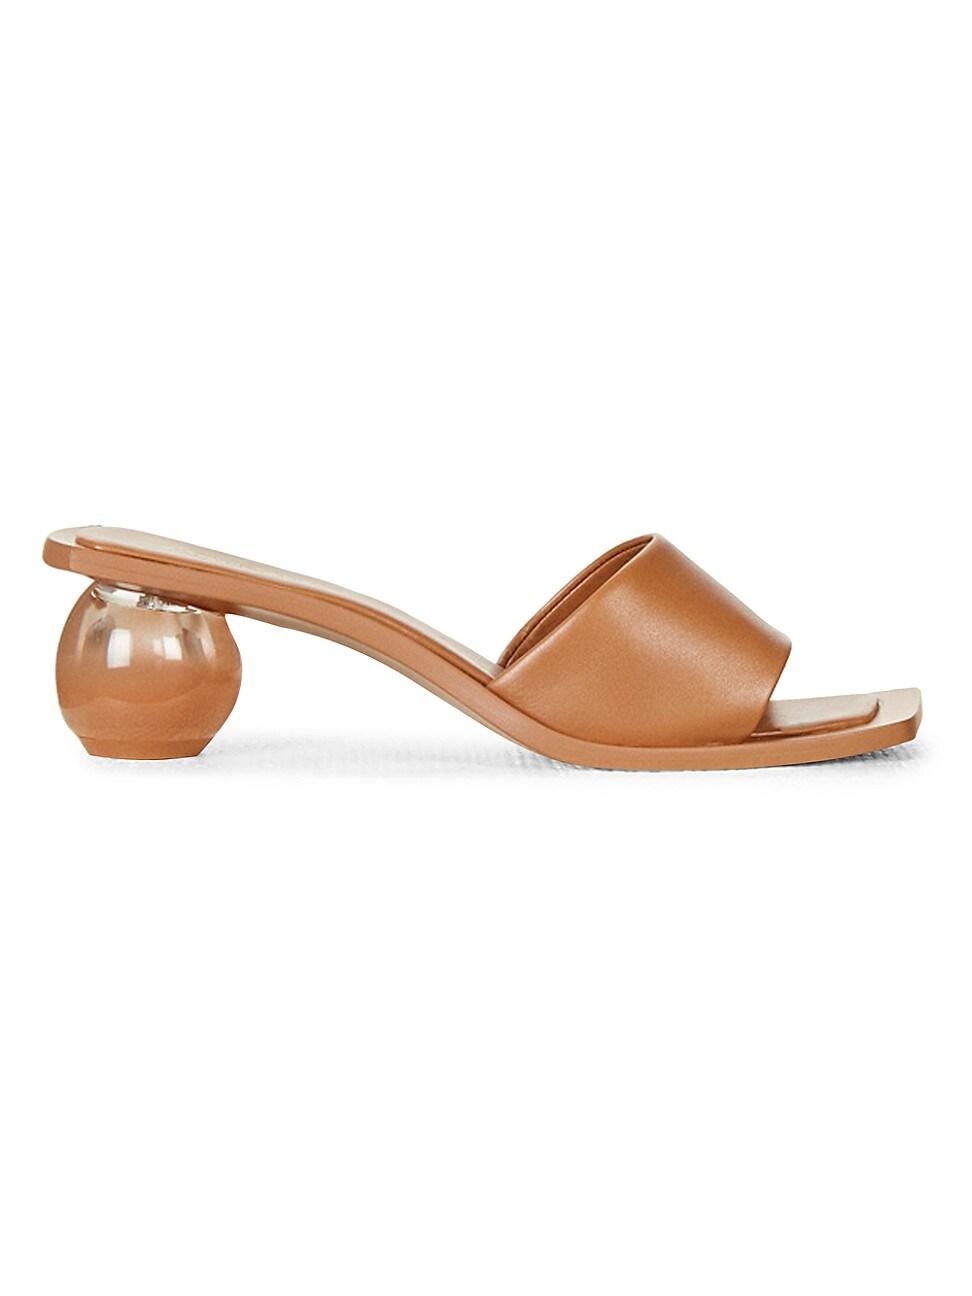 Cult Gaia Low heels WOMEN'S TAO OMBRÉ BAUBLE-HEEL LEATHER MULES